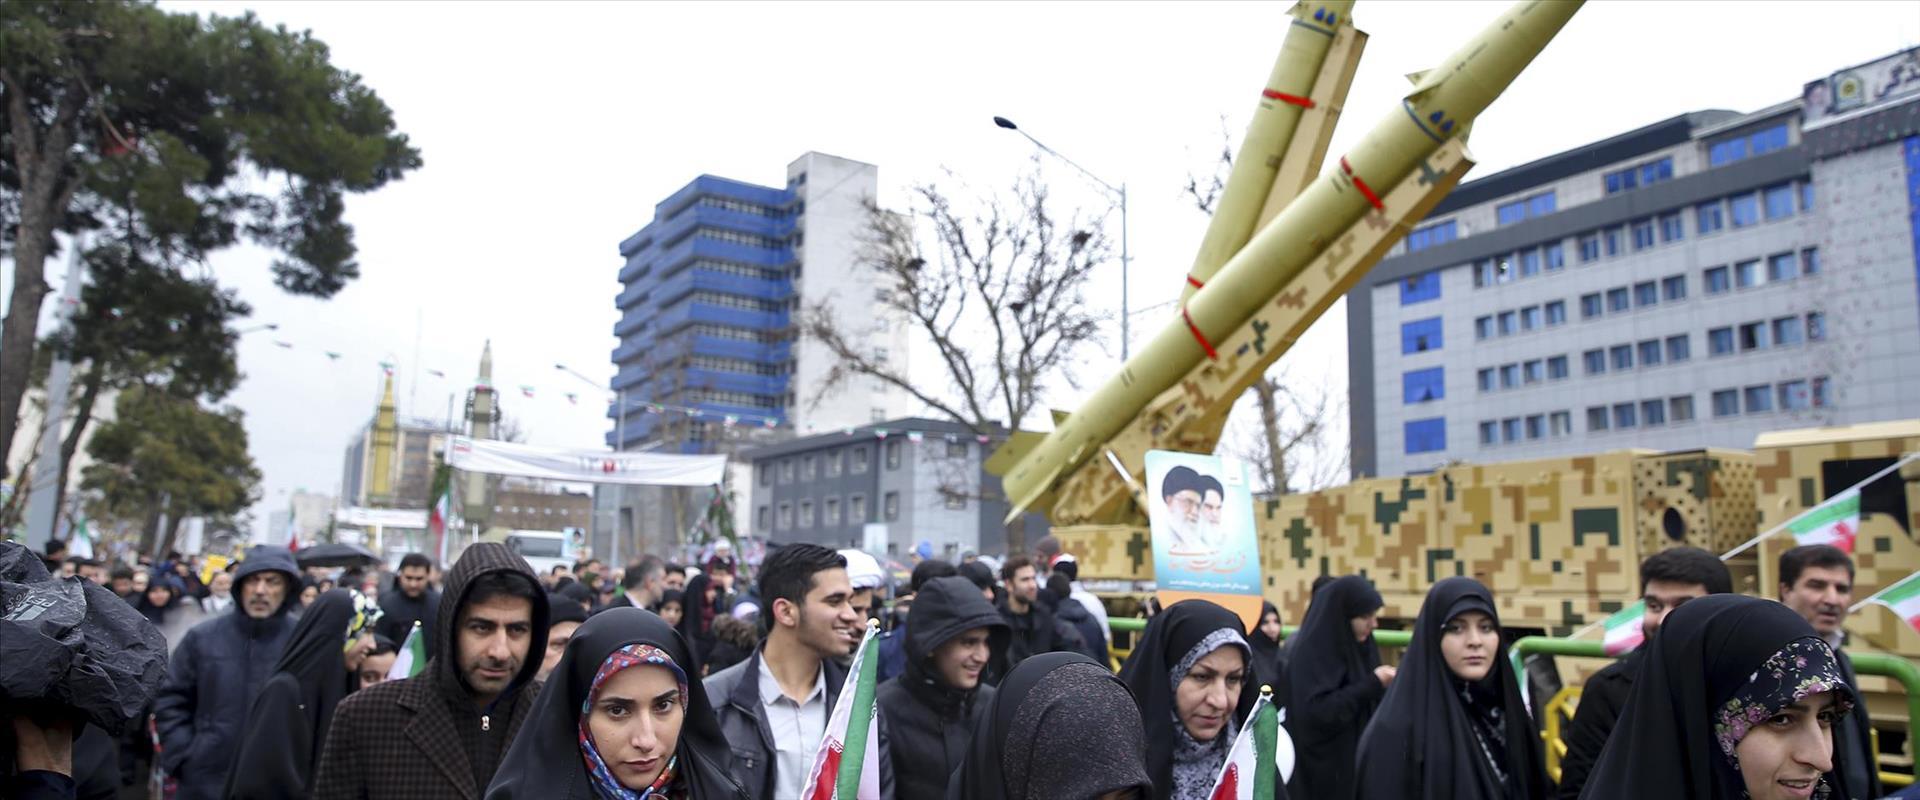 משתתפים בעצרת בטהראן לרגל 40 שנה למהפכה האיסלאמית,